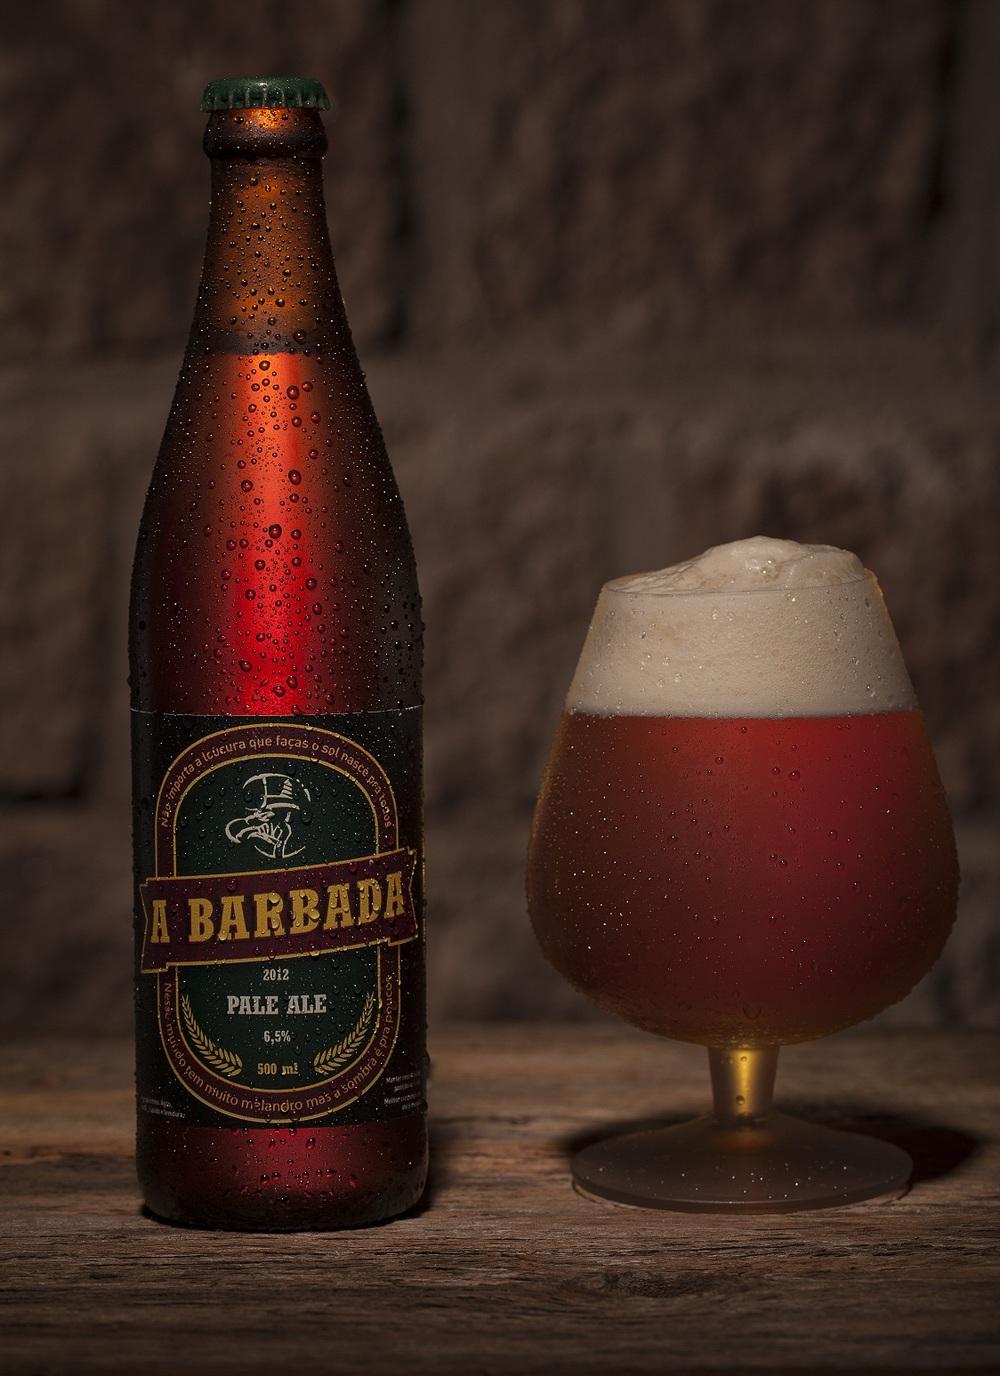 A Barbada, Pale Ale com coloração dourada e 6,5% de teor alcoólico (foto: Divulgação)